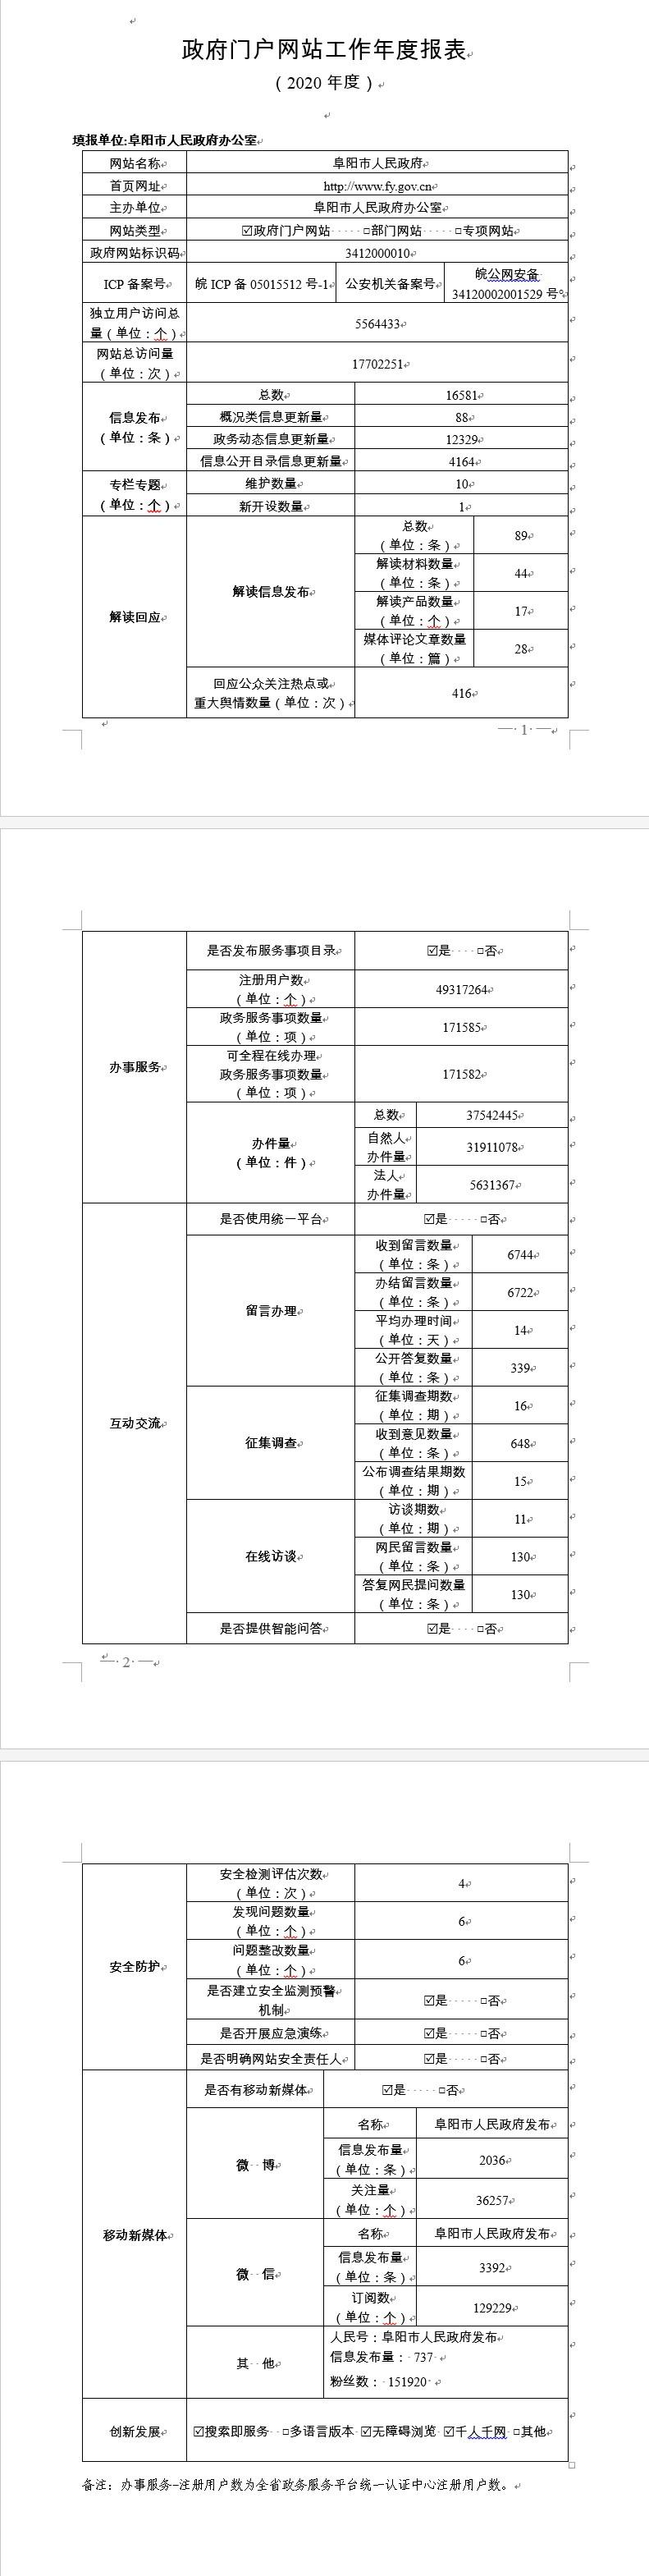 阜阳市人民政府年报.png